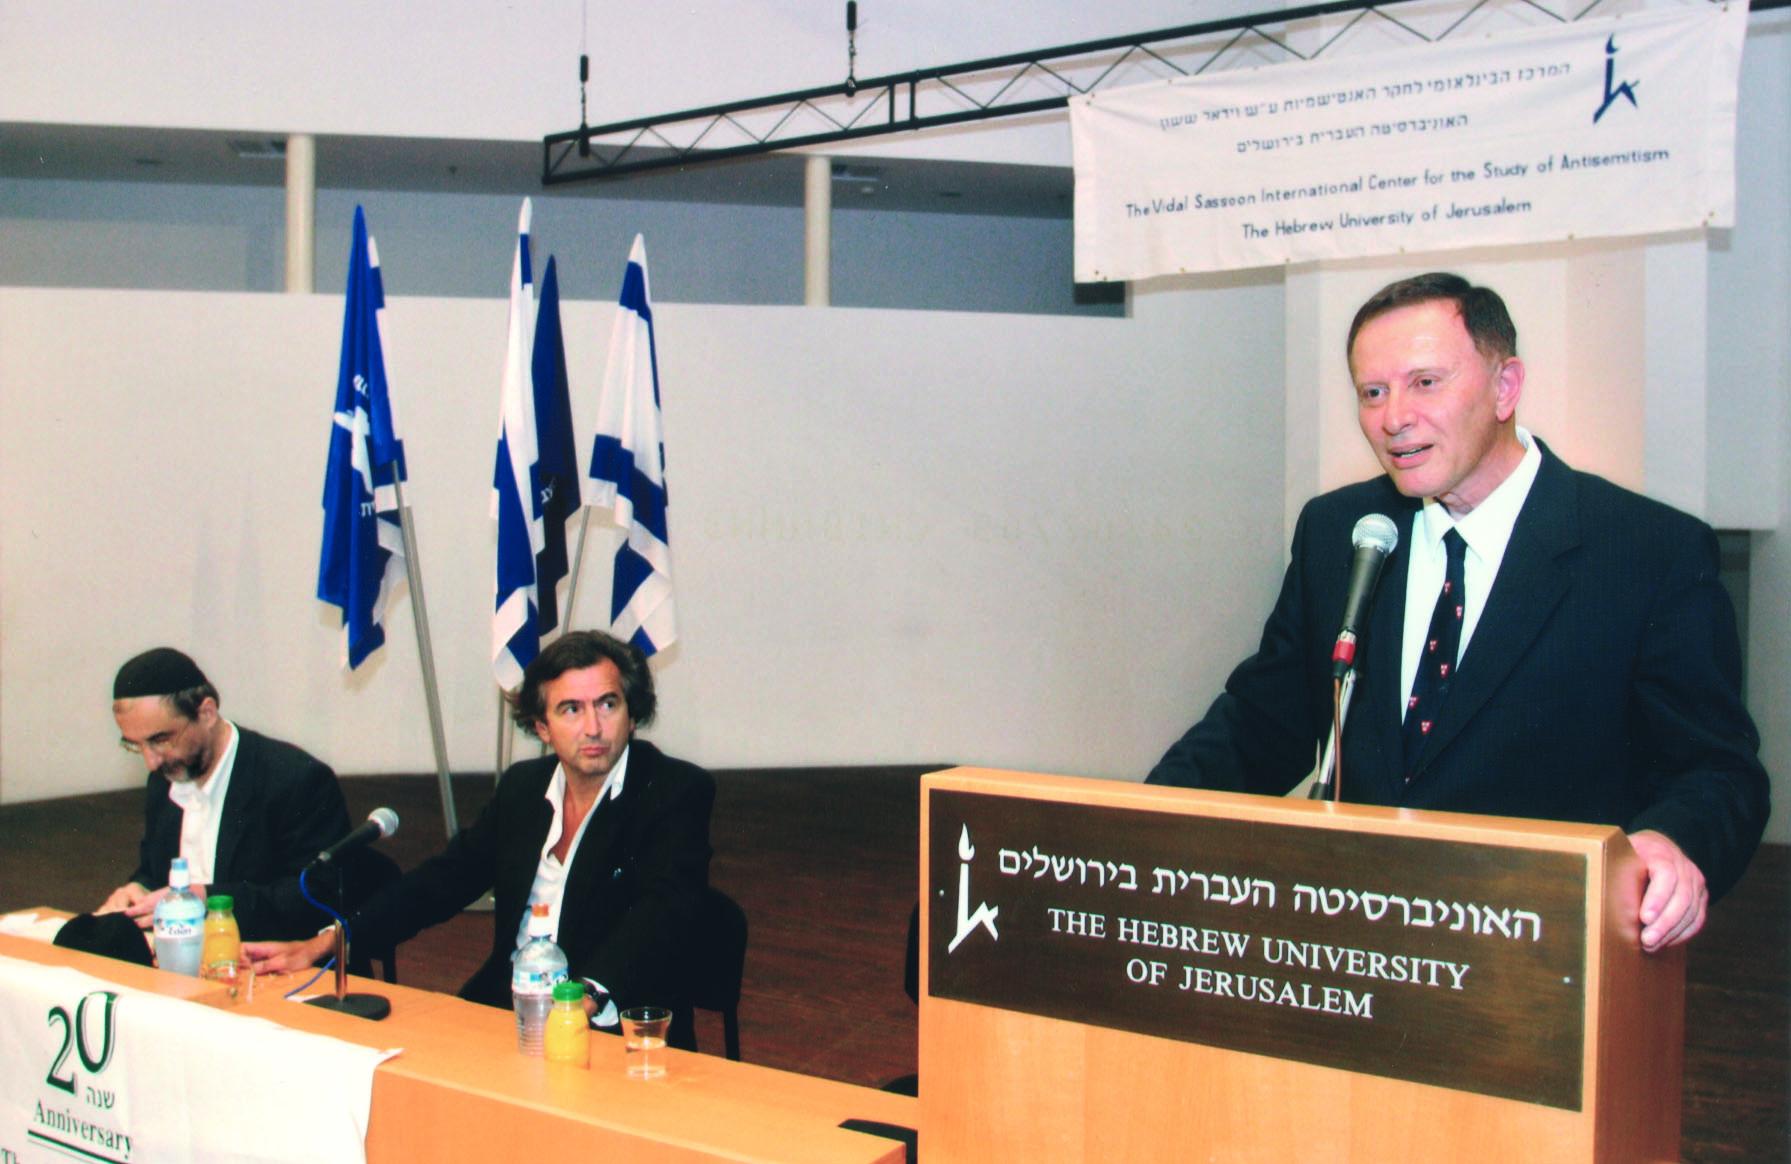 Bernard-Henri Lévy sitting beside Benny Lévy, listening to Robert Wistrich at the Hebrew Univeristy of Jerusalem